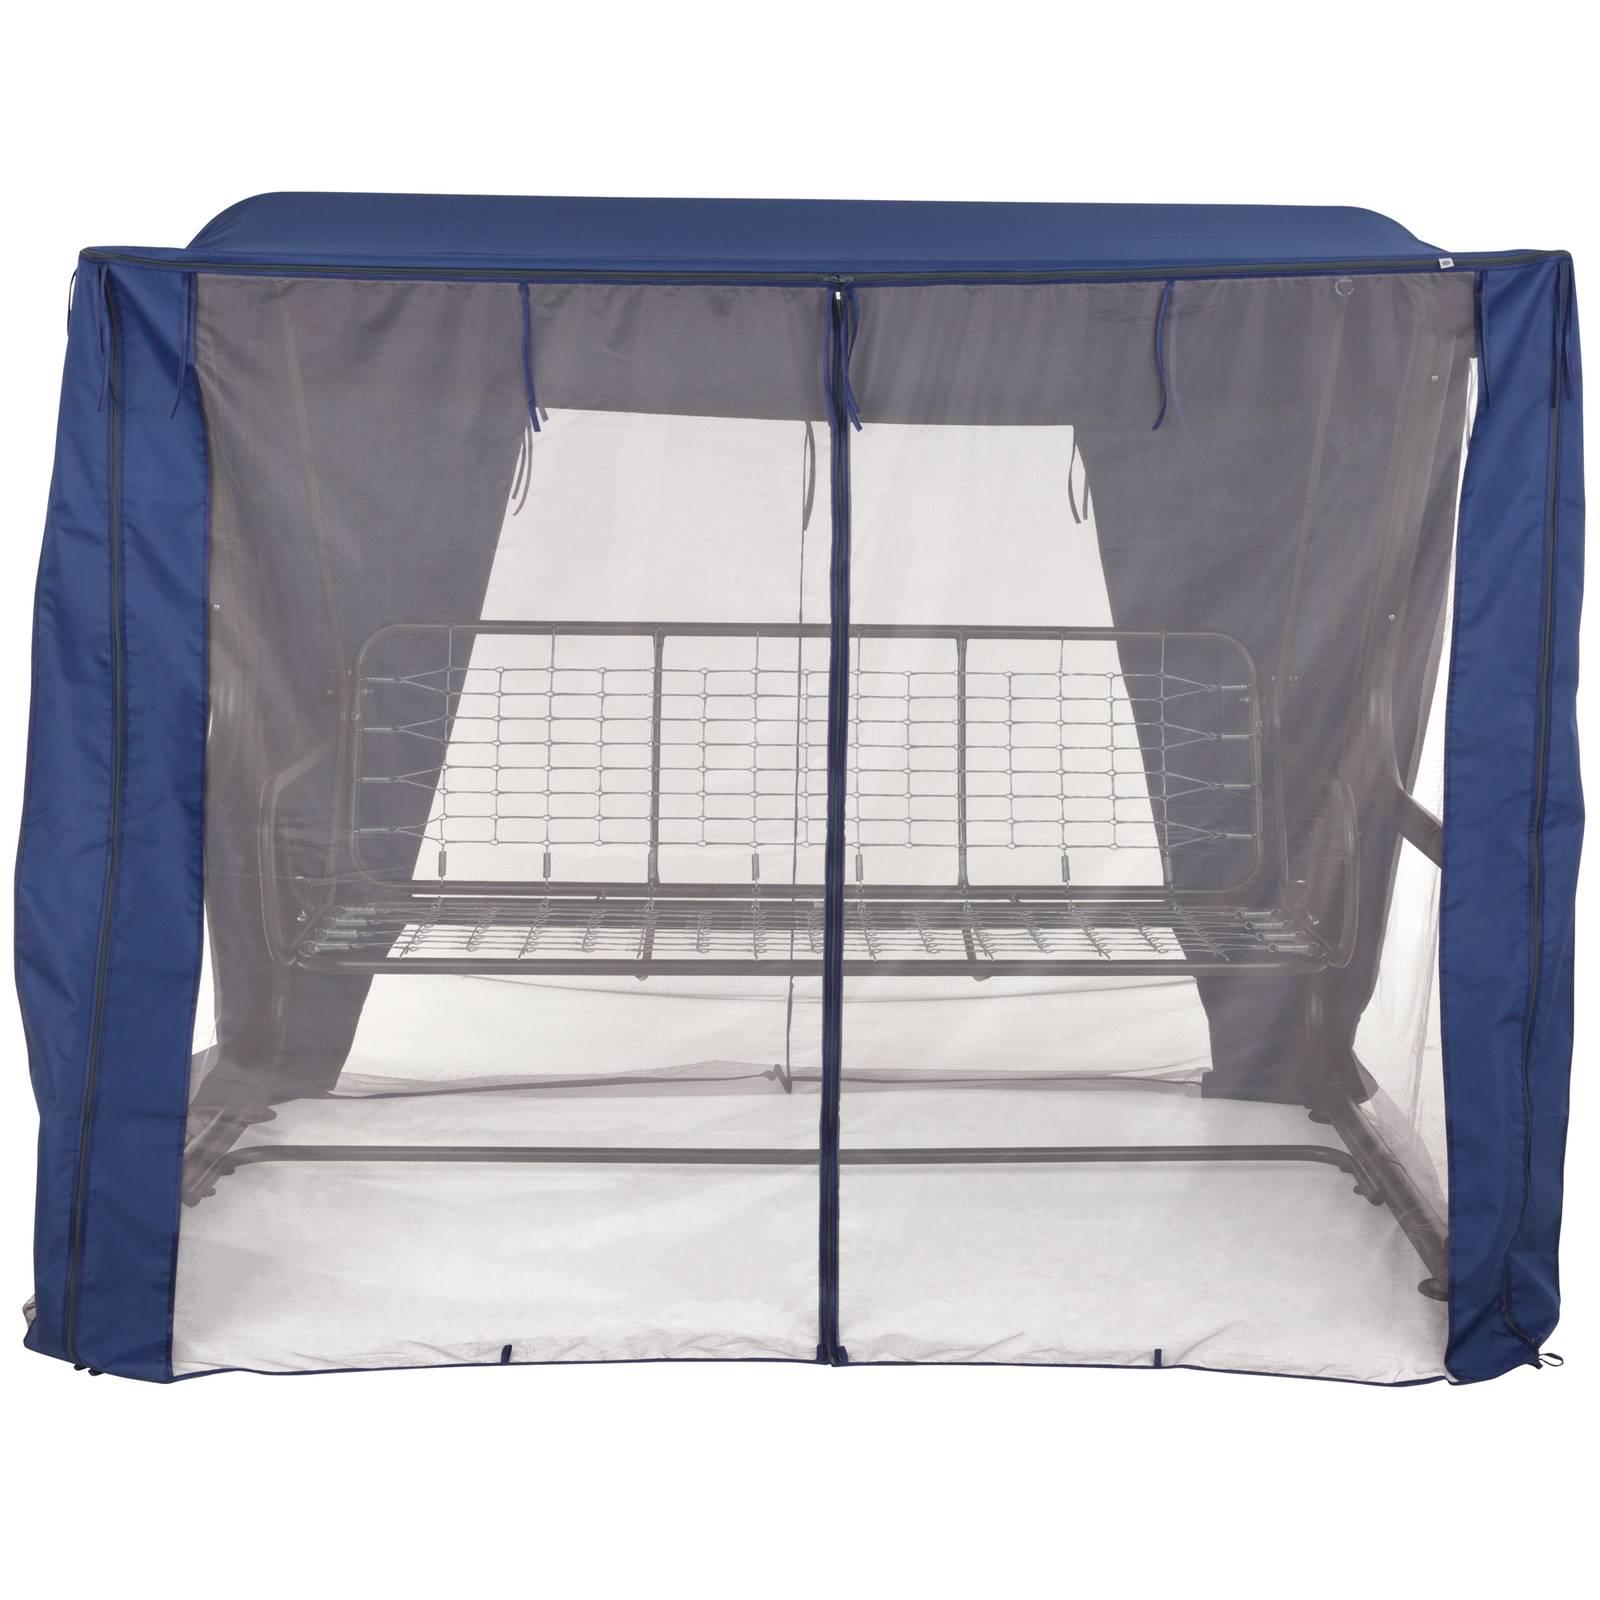 Dach z moskitierą do huśtawki ogrodowej 235 x 128 x 175  cm Rimini / Venezia D031-01CW PATIO